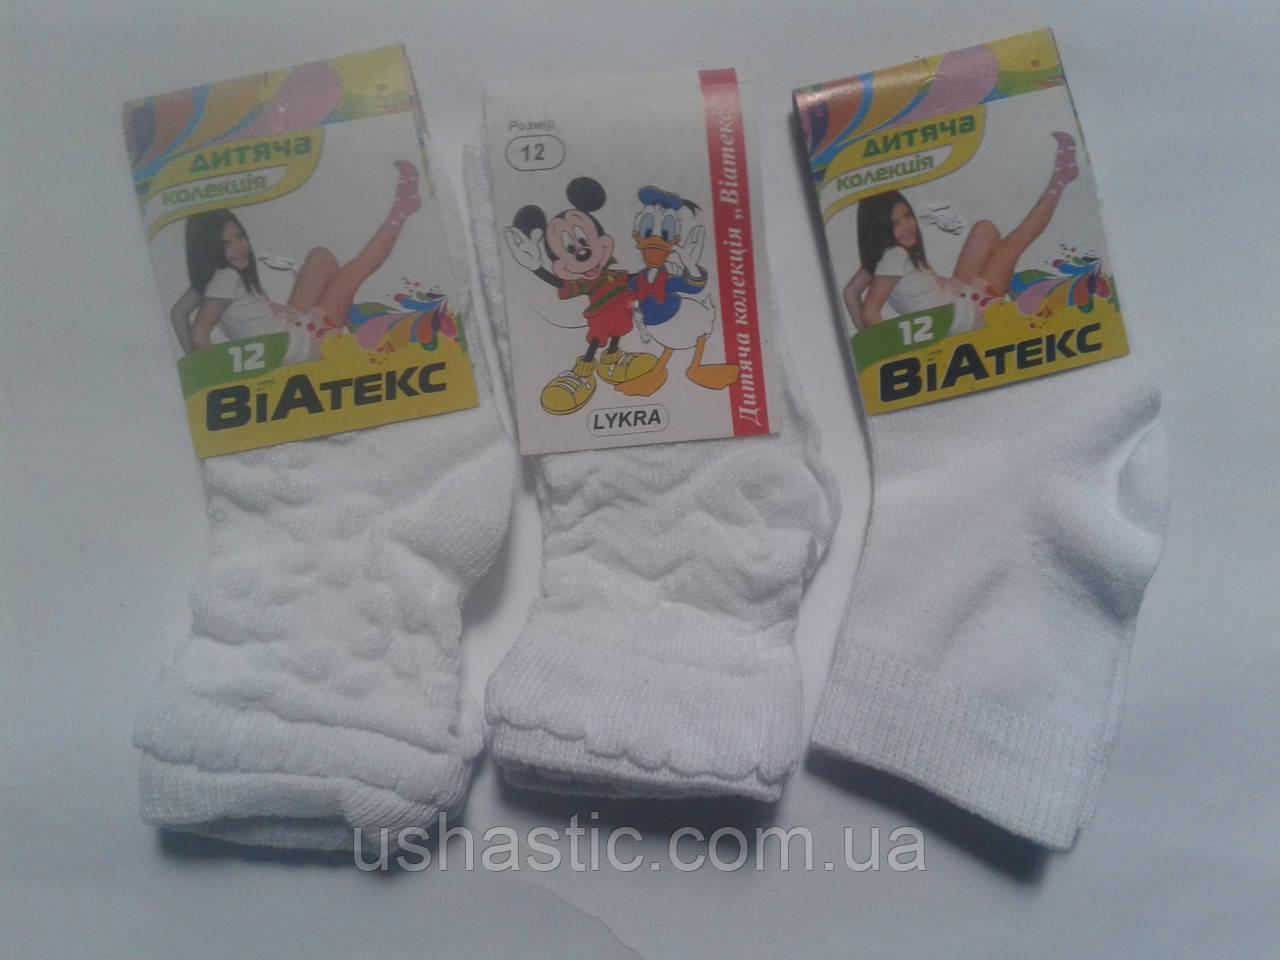 Шкарпетки білі ажурні для дівчаток на 9-12 міс (р. 12) Україна